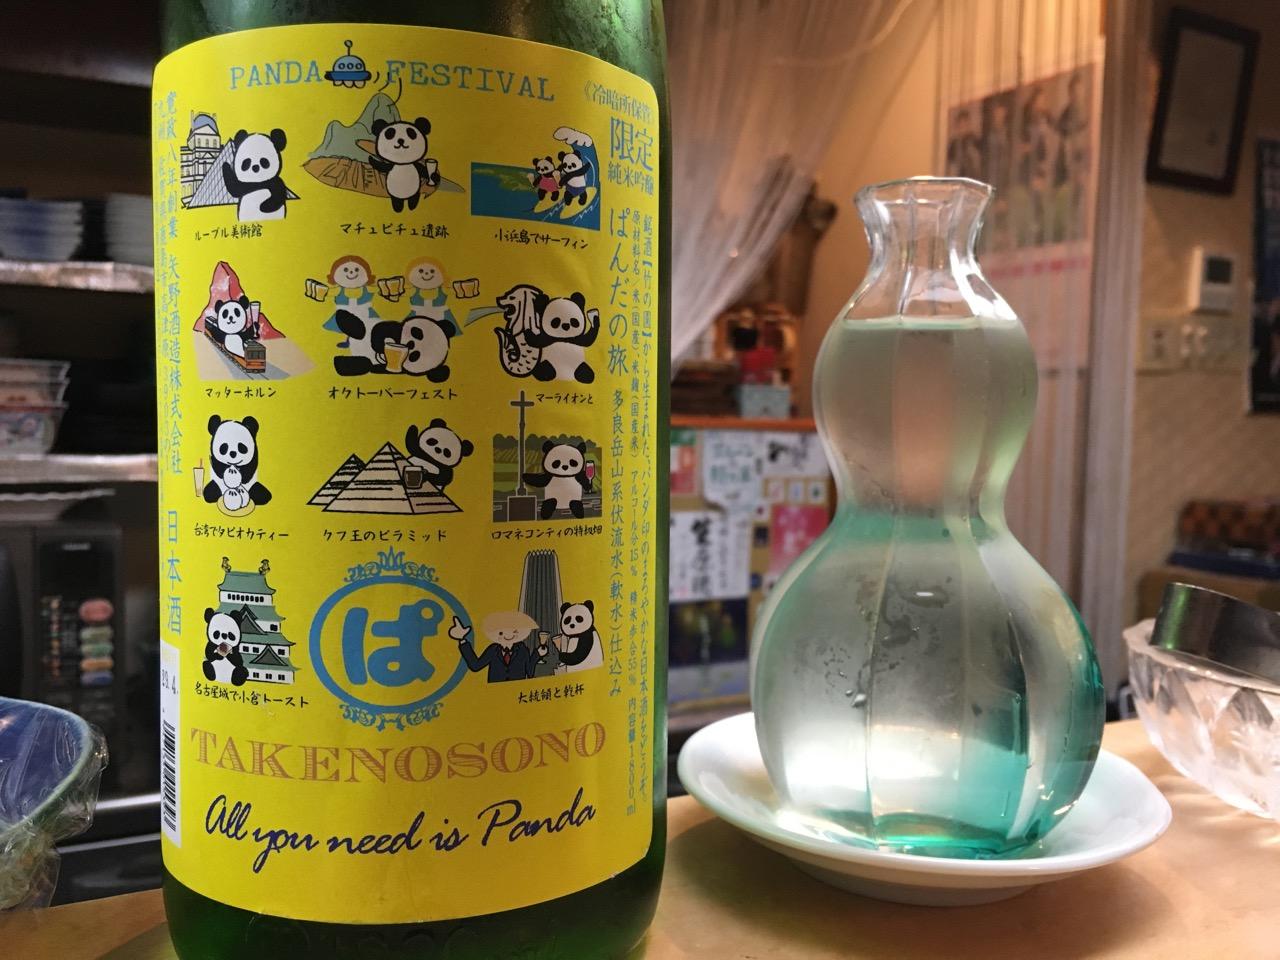 竹の園 限定純米大吟醸 ぱんだの旅|日本酒テイスティングノート